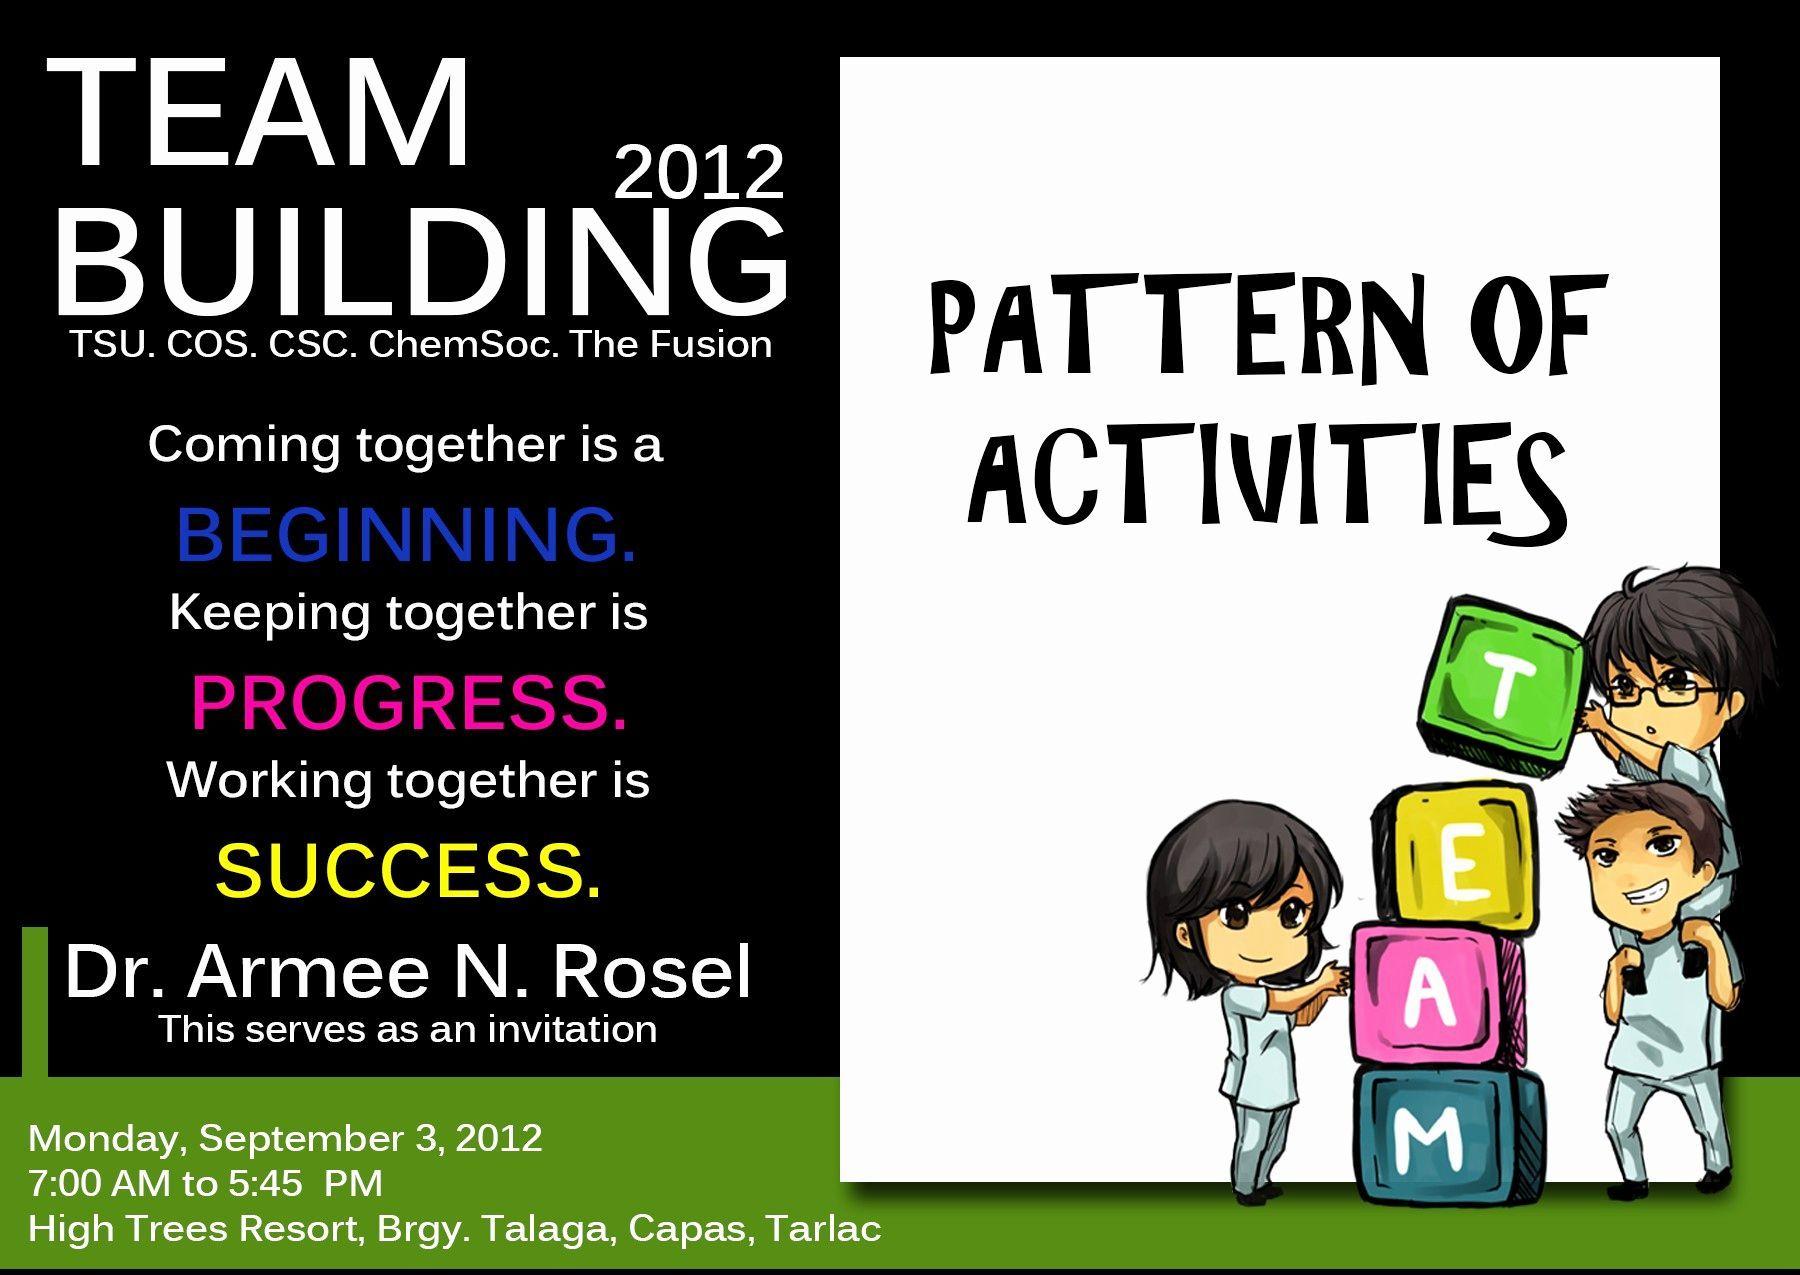 Team Building Event Invitation Wording